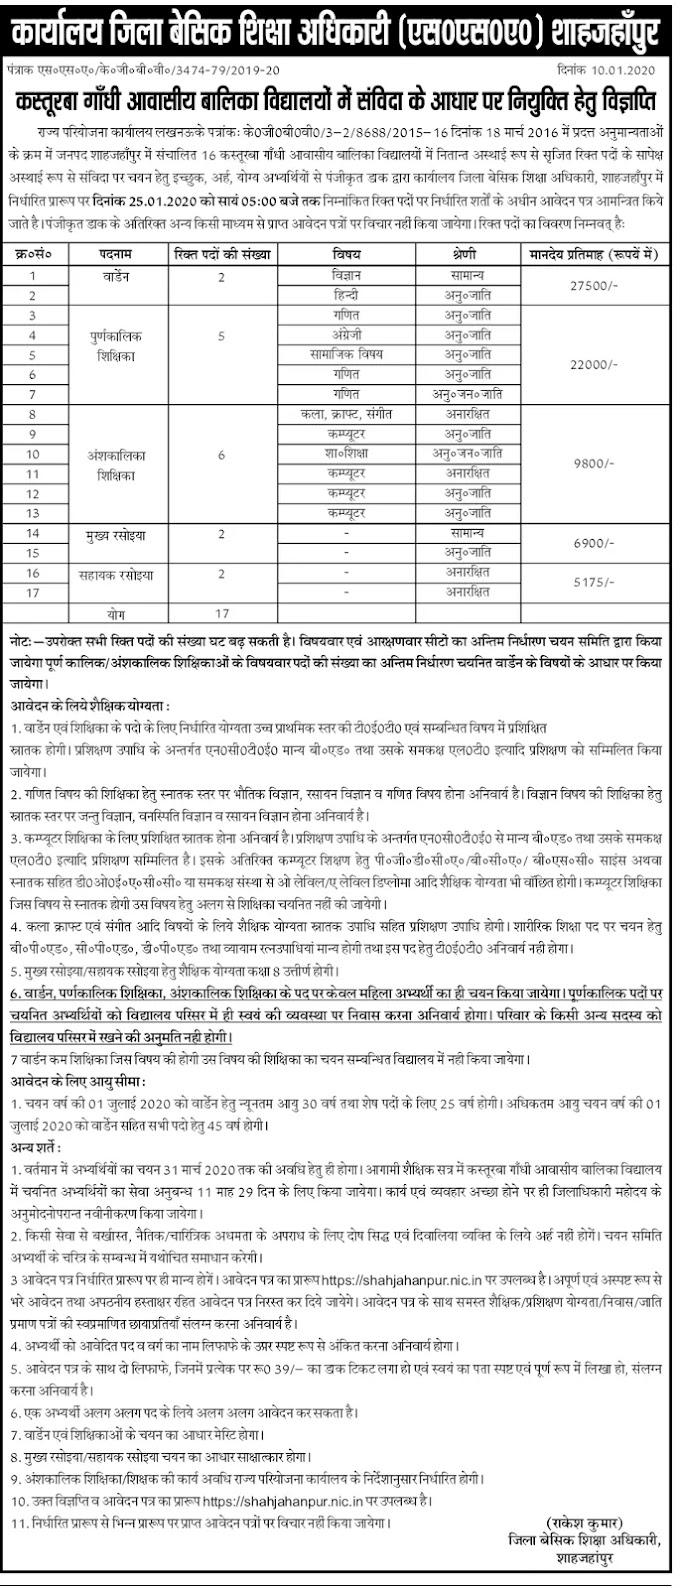 कस्तूरबा गांधी आवासीय बालिका विद्यालय में संविदा के आधार पर नियुक्ति हेतु विज्ञप्ति जारी:- शाहजहांपुर